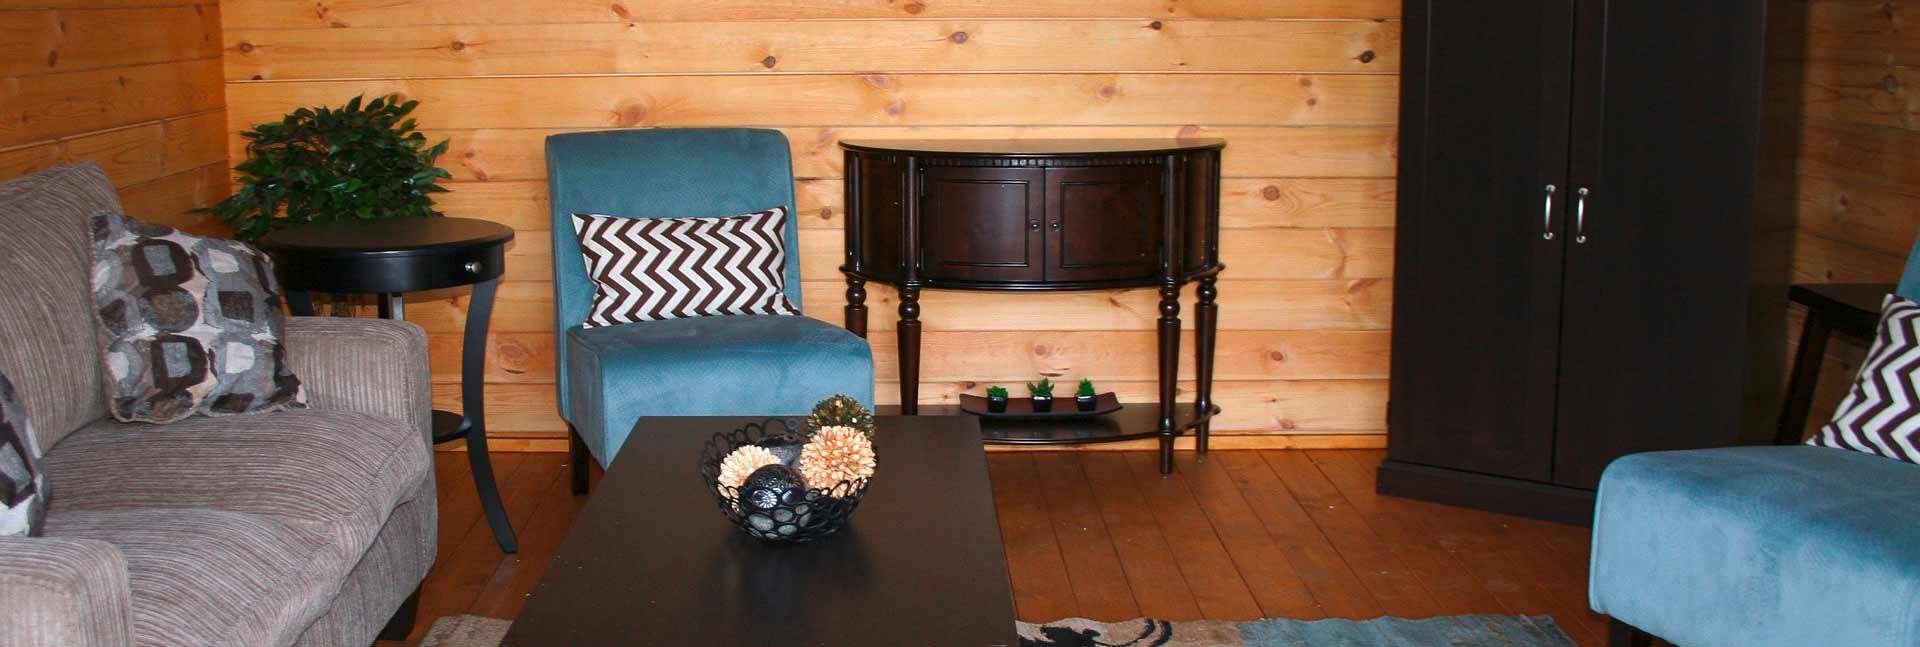 revêtements sol et murs espace détente confort bitsch menuiserie